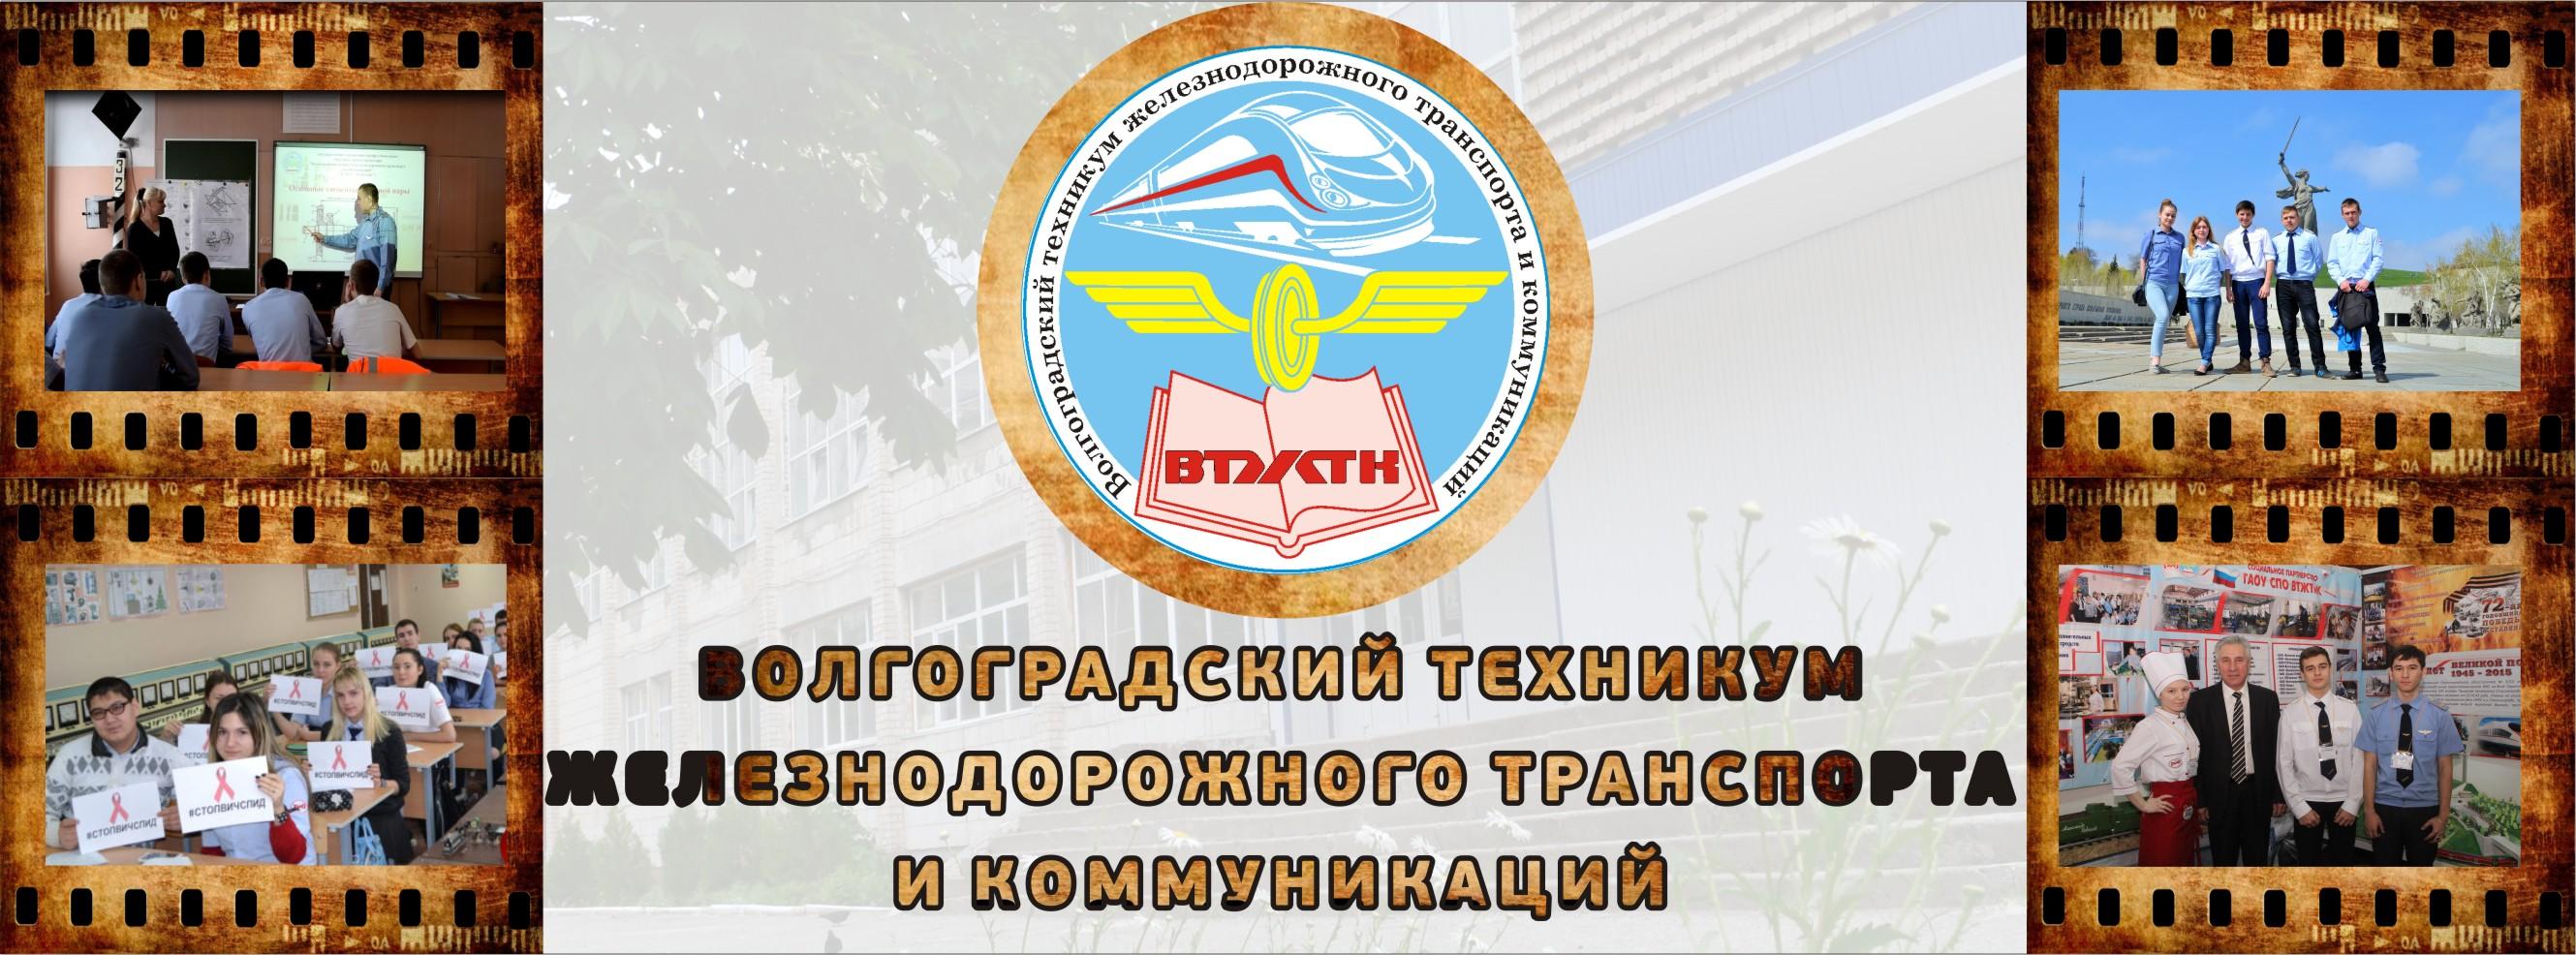 Волгоградский техникум железнодорожного транспорта и коммуникаций — официальный сайт ВТЖТиК